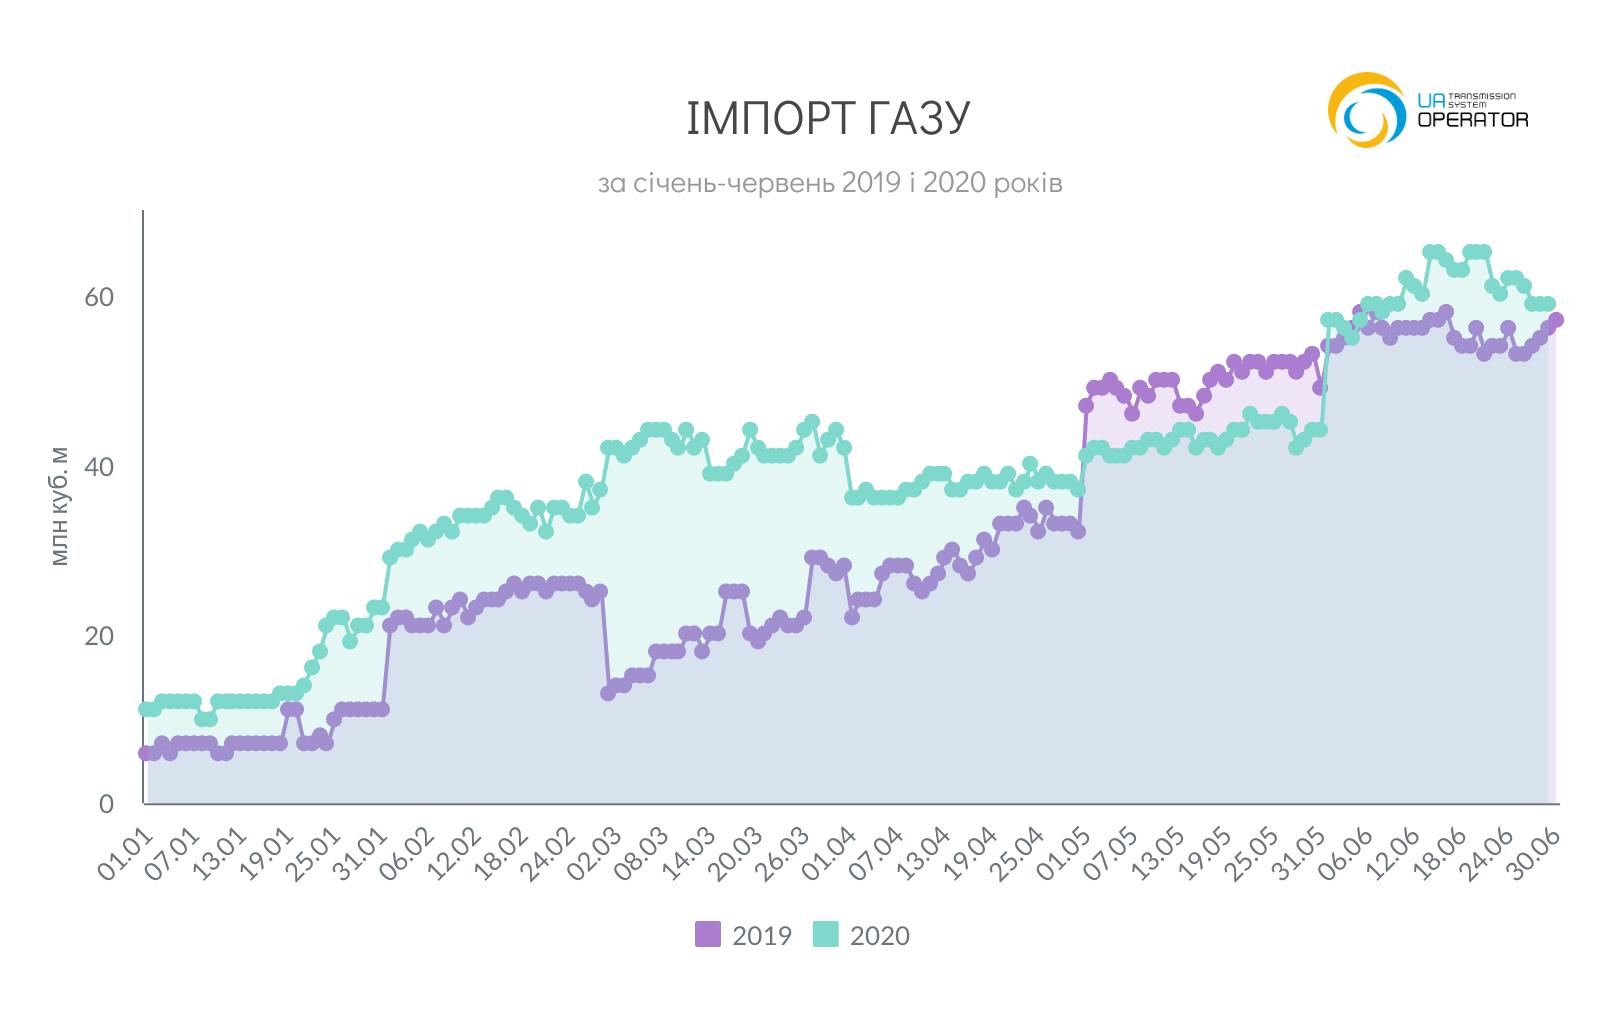 импорт газа в Украину за 6 месяцев 2020 года